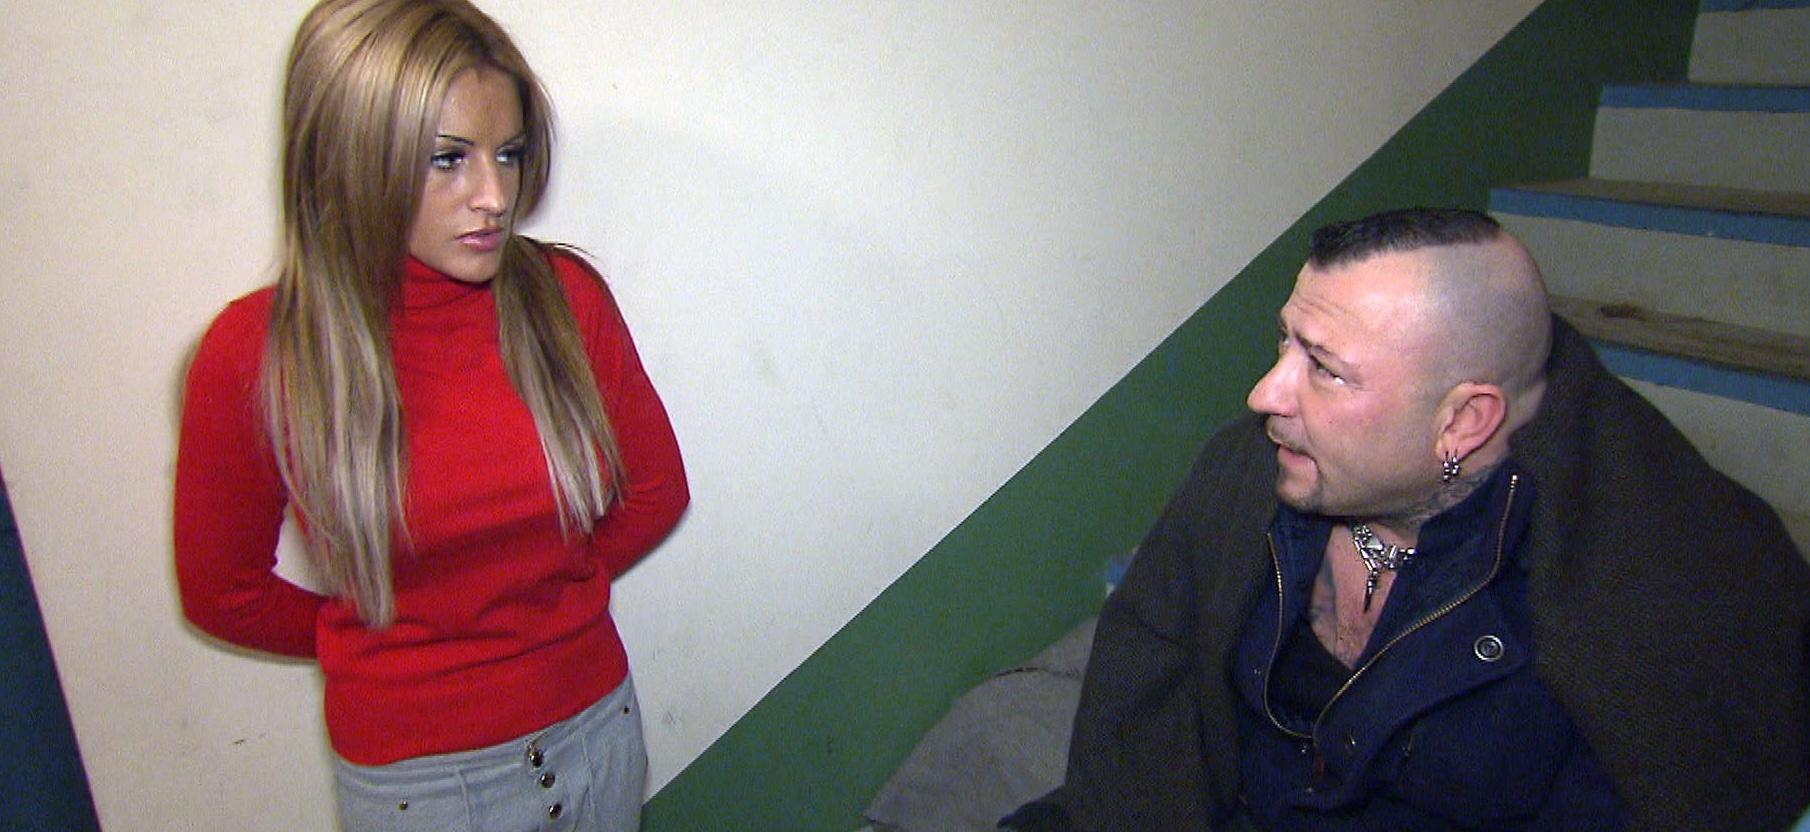 Berlin Tag und Nacht: Piet will Fabrizio loswerden - TV News